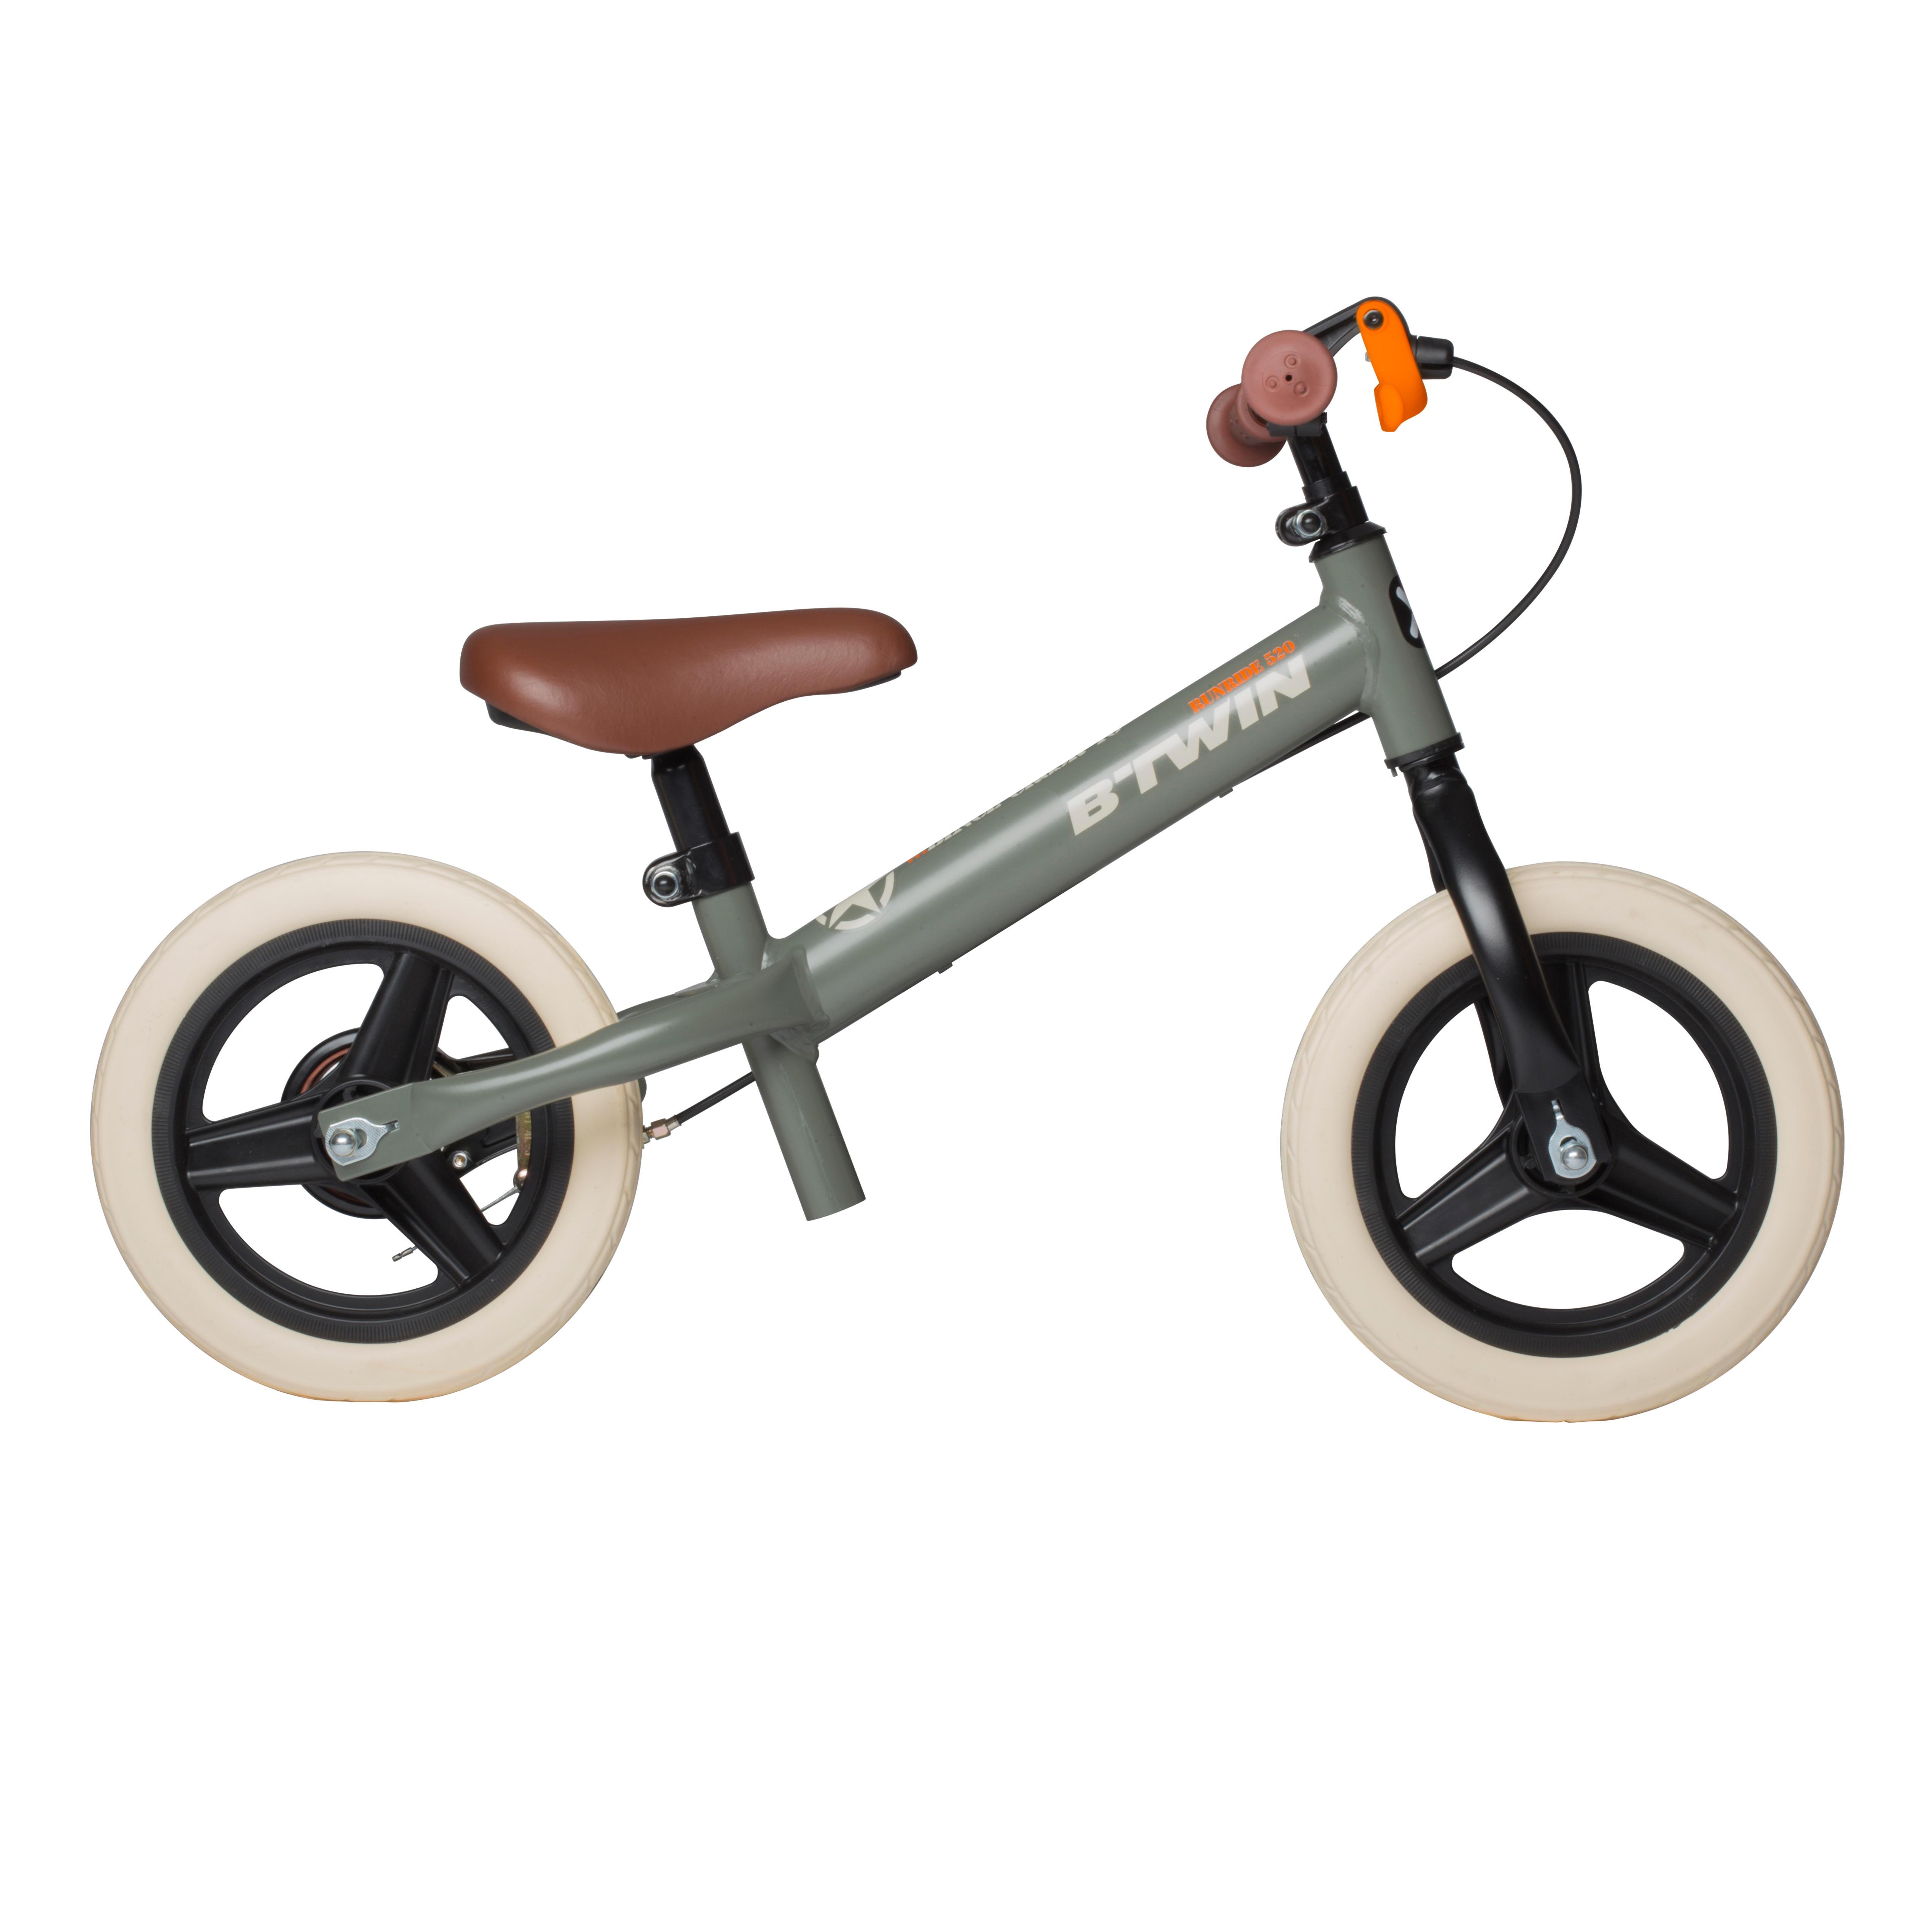 B'twin Loopfietsje Run Ride voor kinderen, 10 inch, Cruiser kaki - unieke grootte